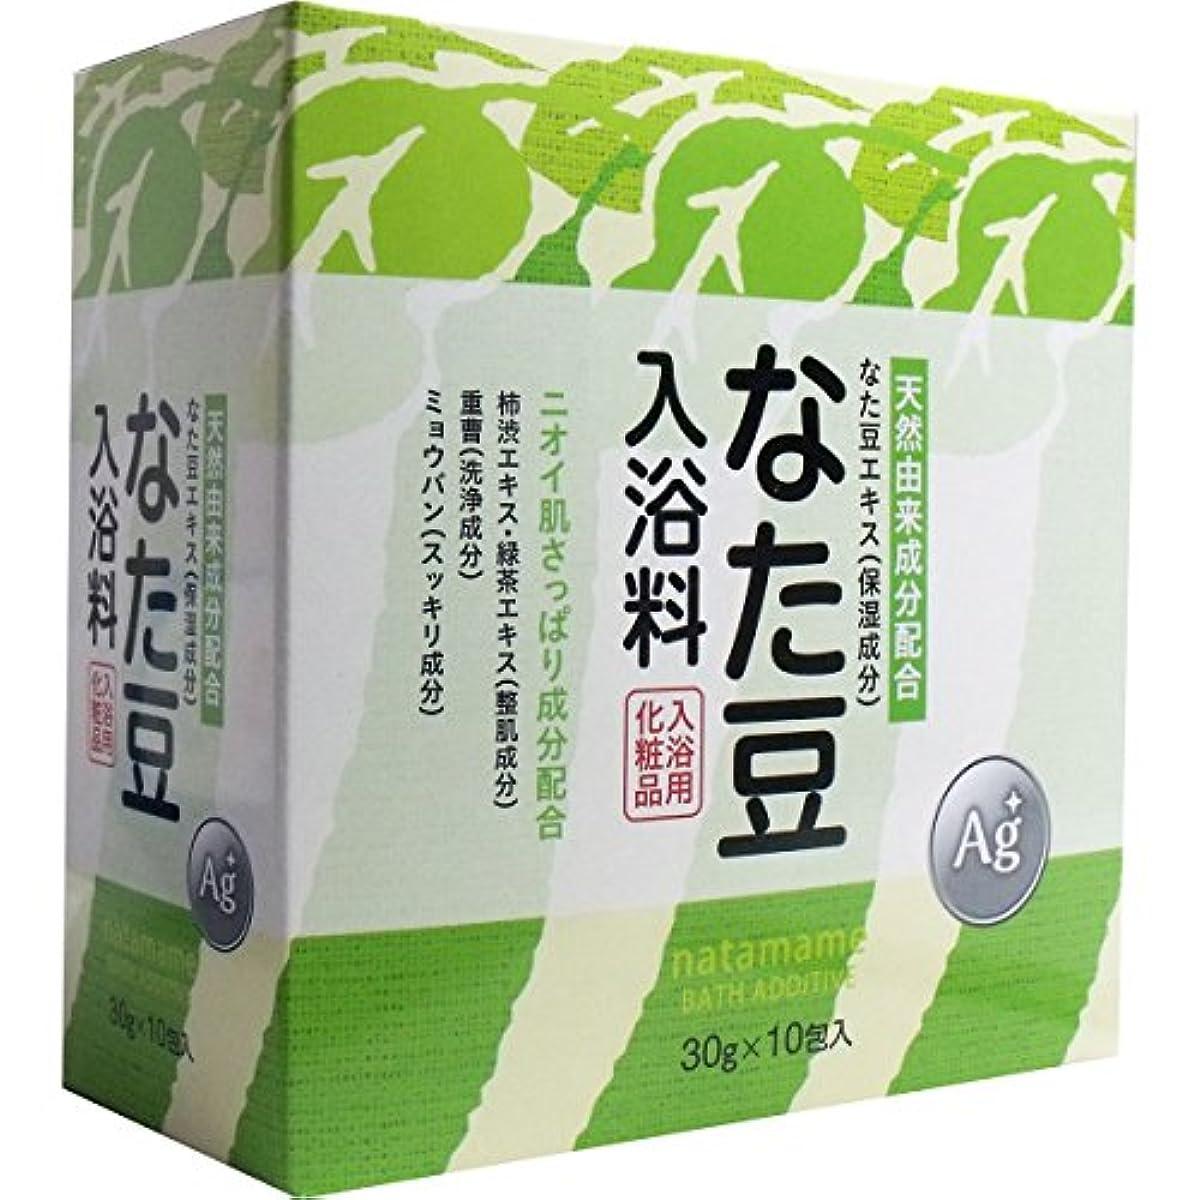 必要としている新鮮な傾いたなた豆入浴料 入浴用化粧品 30g×10包入×6